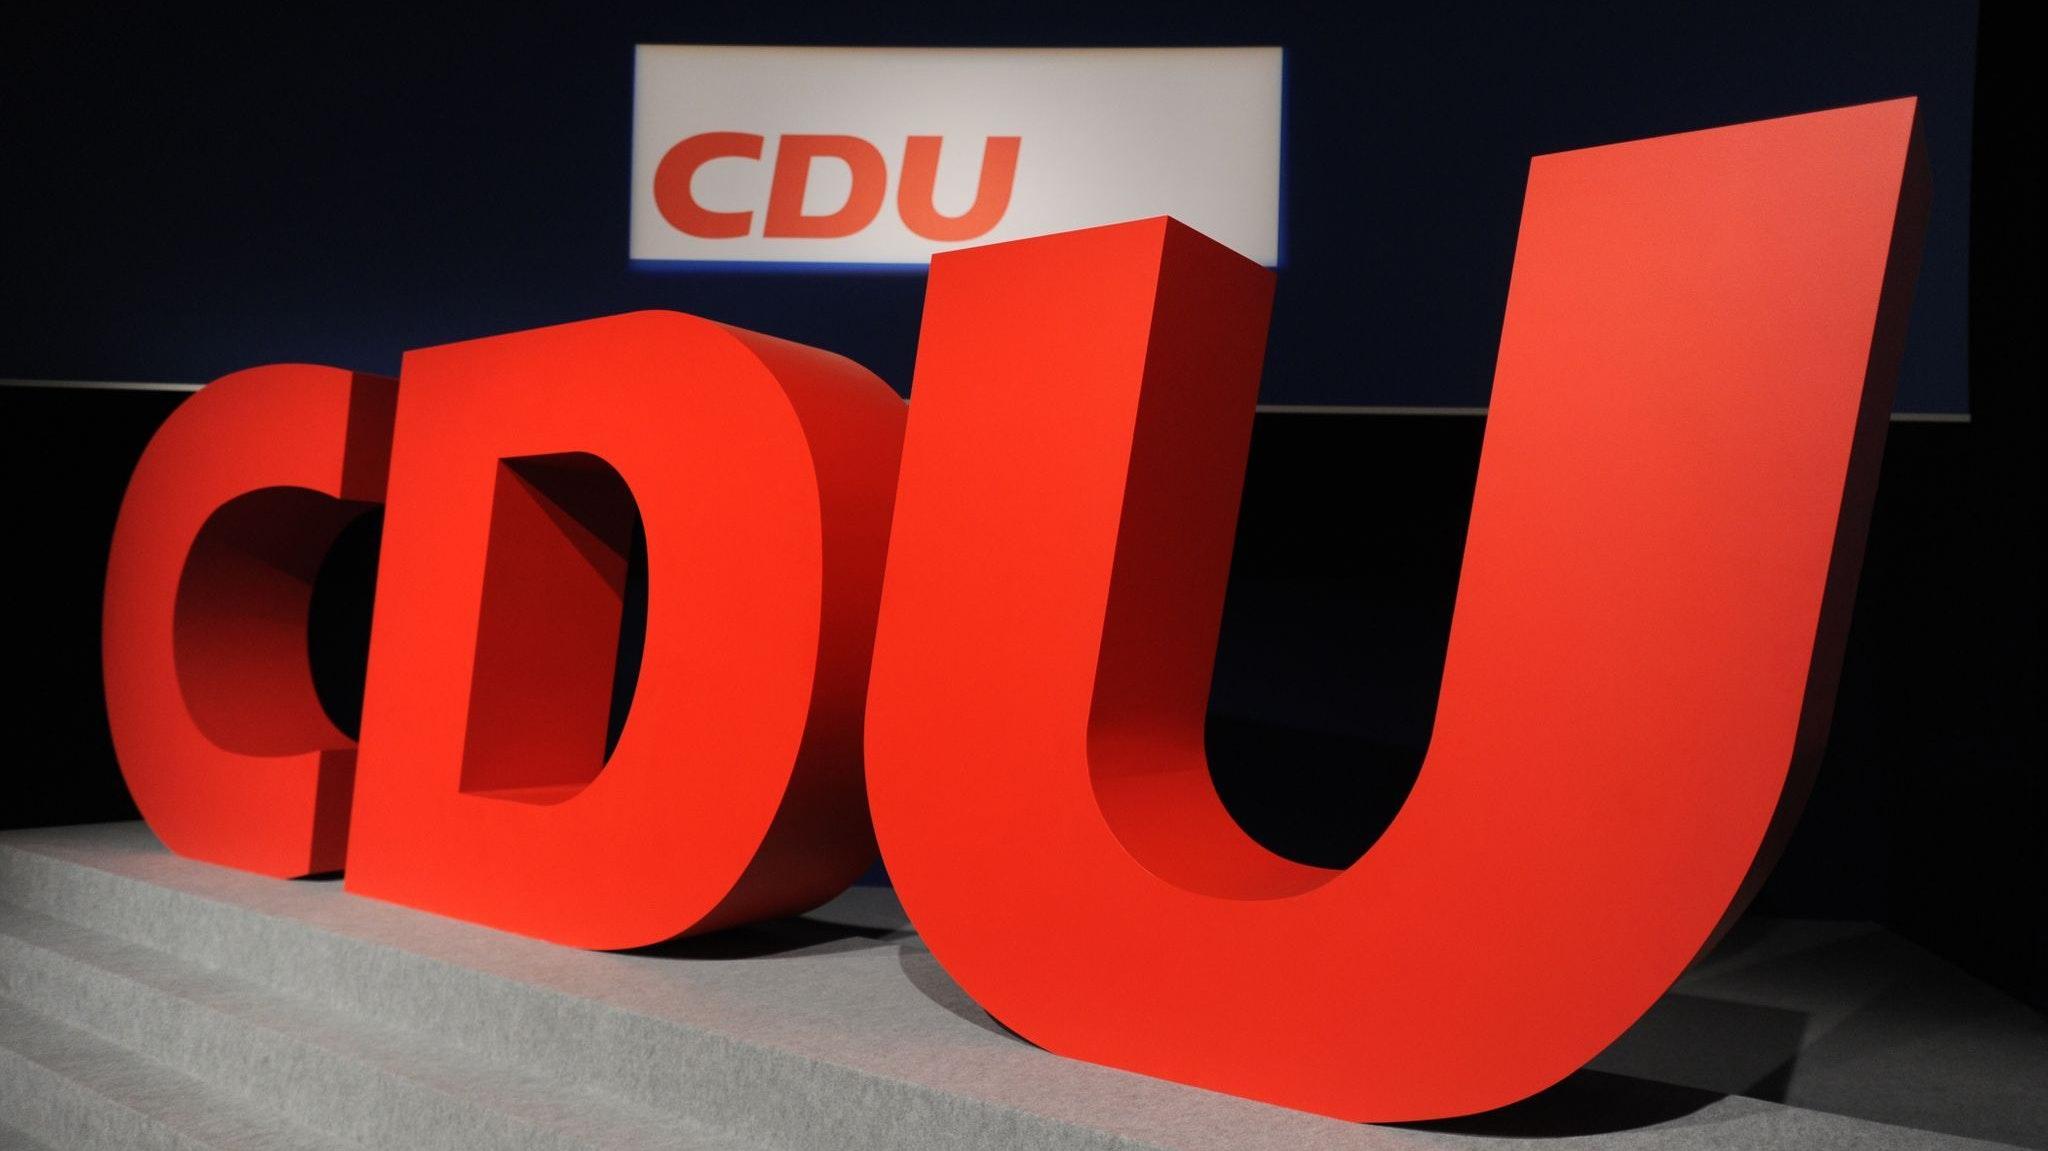 Um das Ehrenamt zu stärken, bringt die Holdorfer CDU-Fraktion drei Vorschläge in die politischen Gremien ein. Foto: dpa